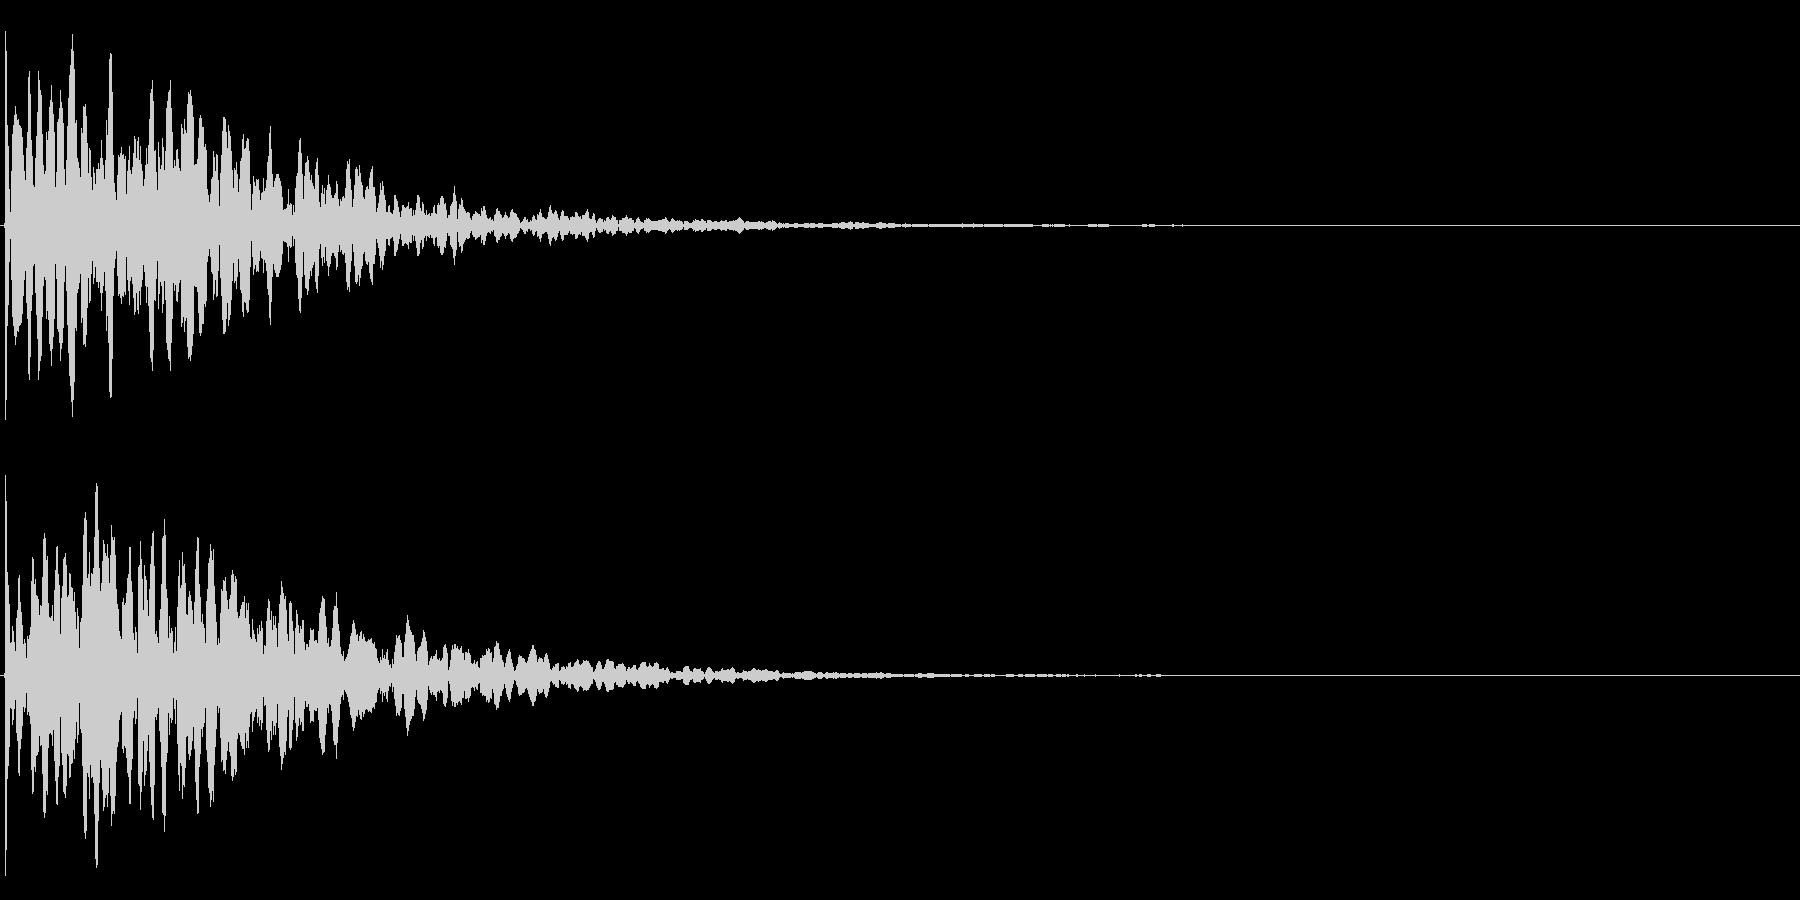 ゲームスタート、決定、ボタン音-123の未再生の波形